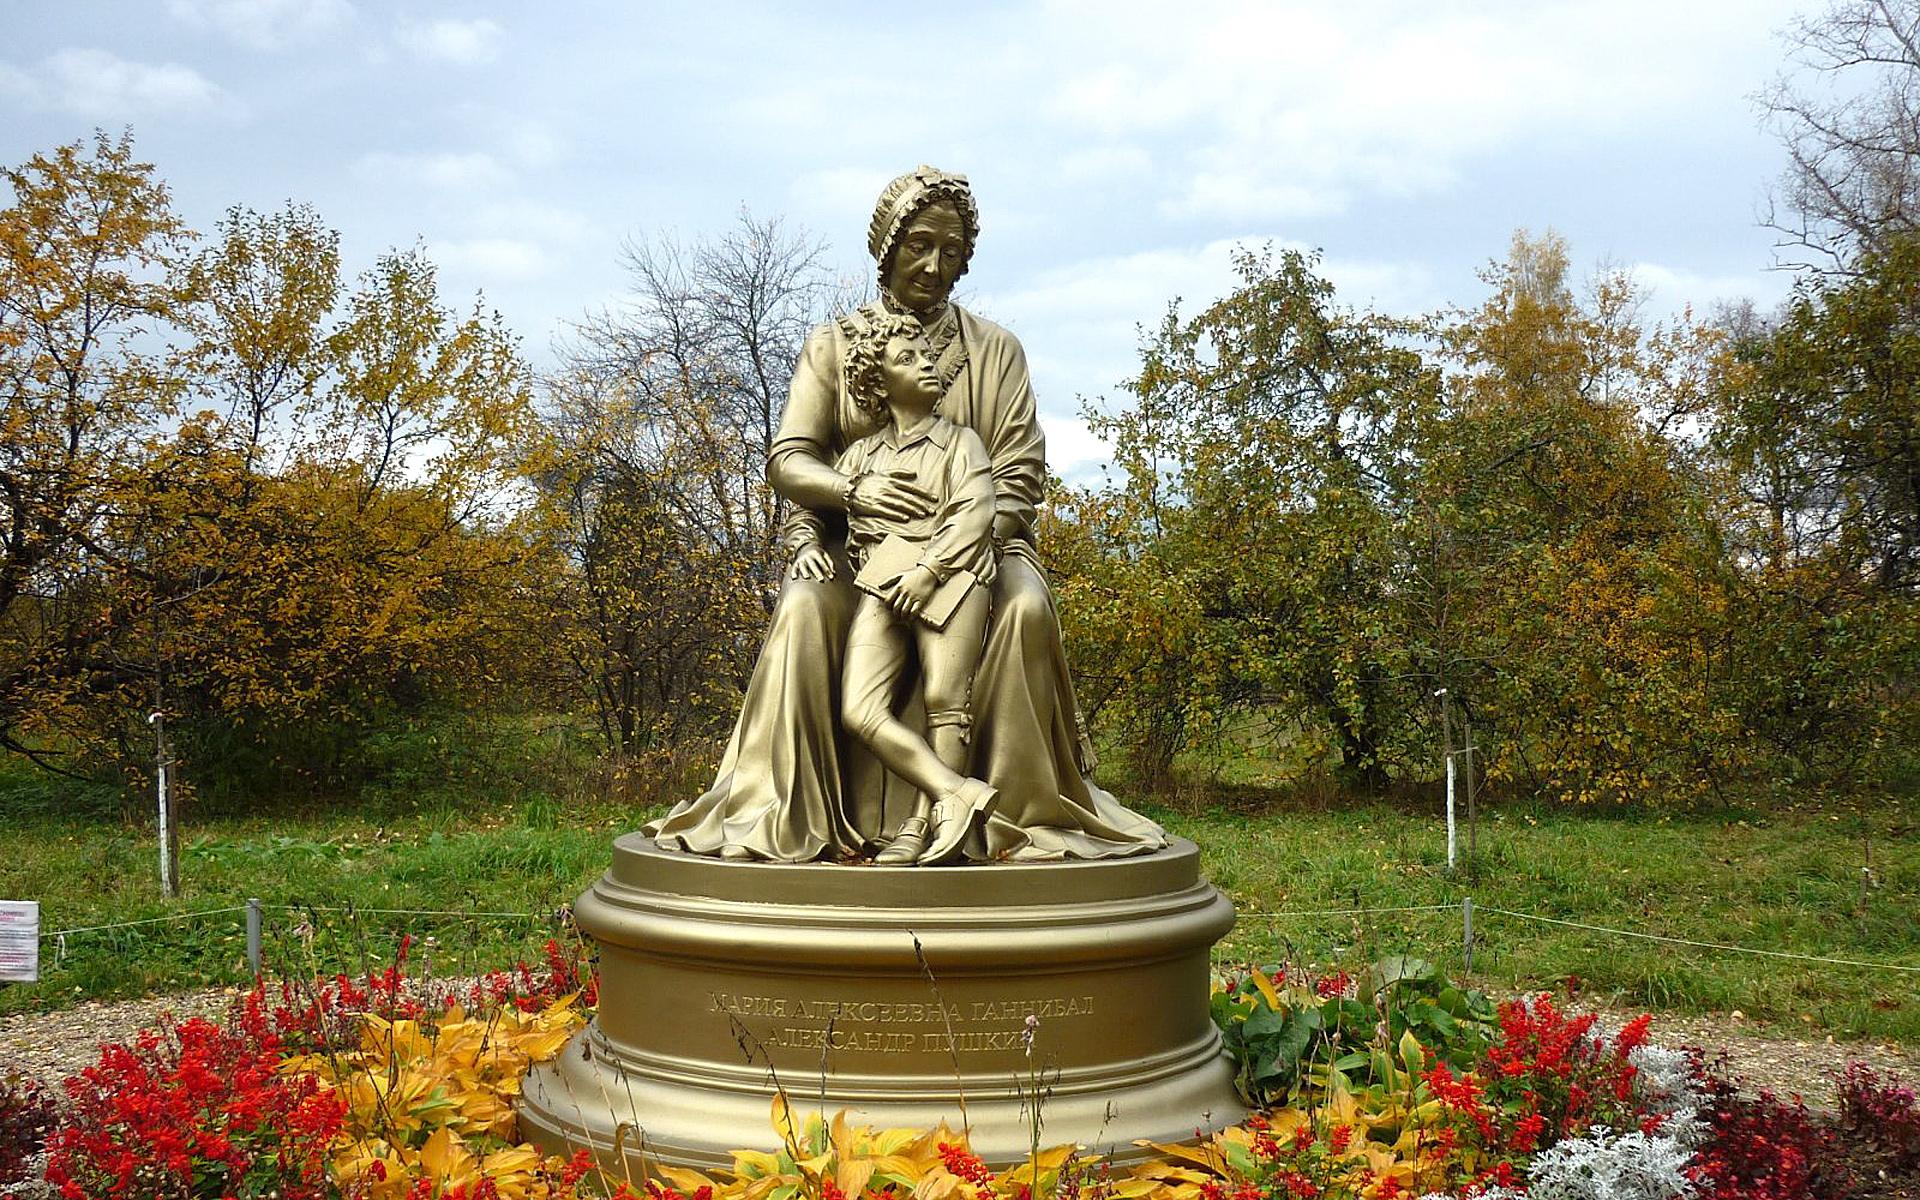 Картинка памятника пушкину